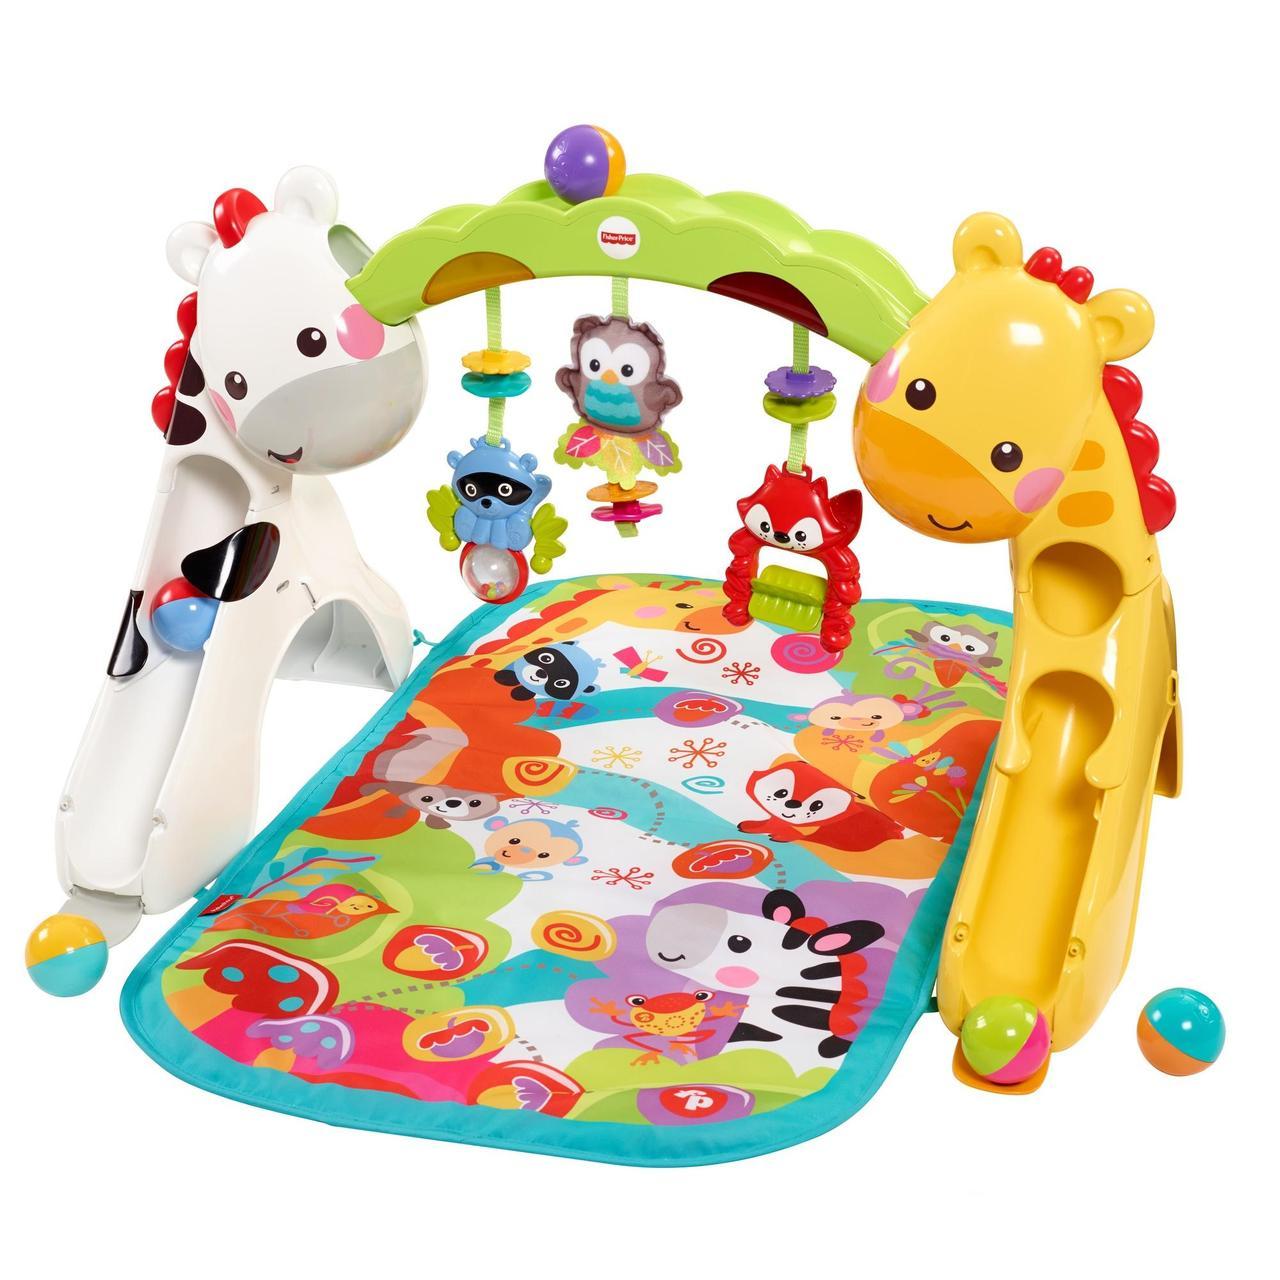 Развивающий коврик Игровой центр Растем вместе 3 в 1 Fisher Price Newborn to Toddler Gym